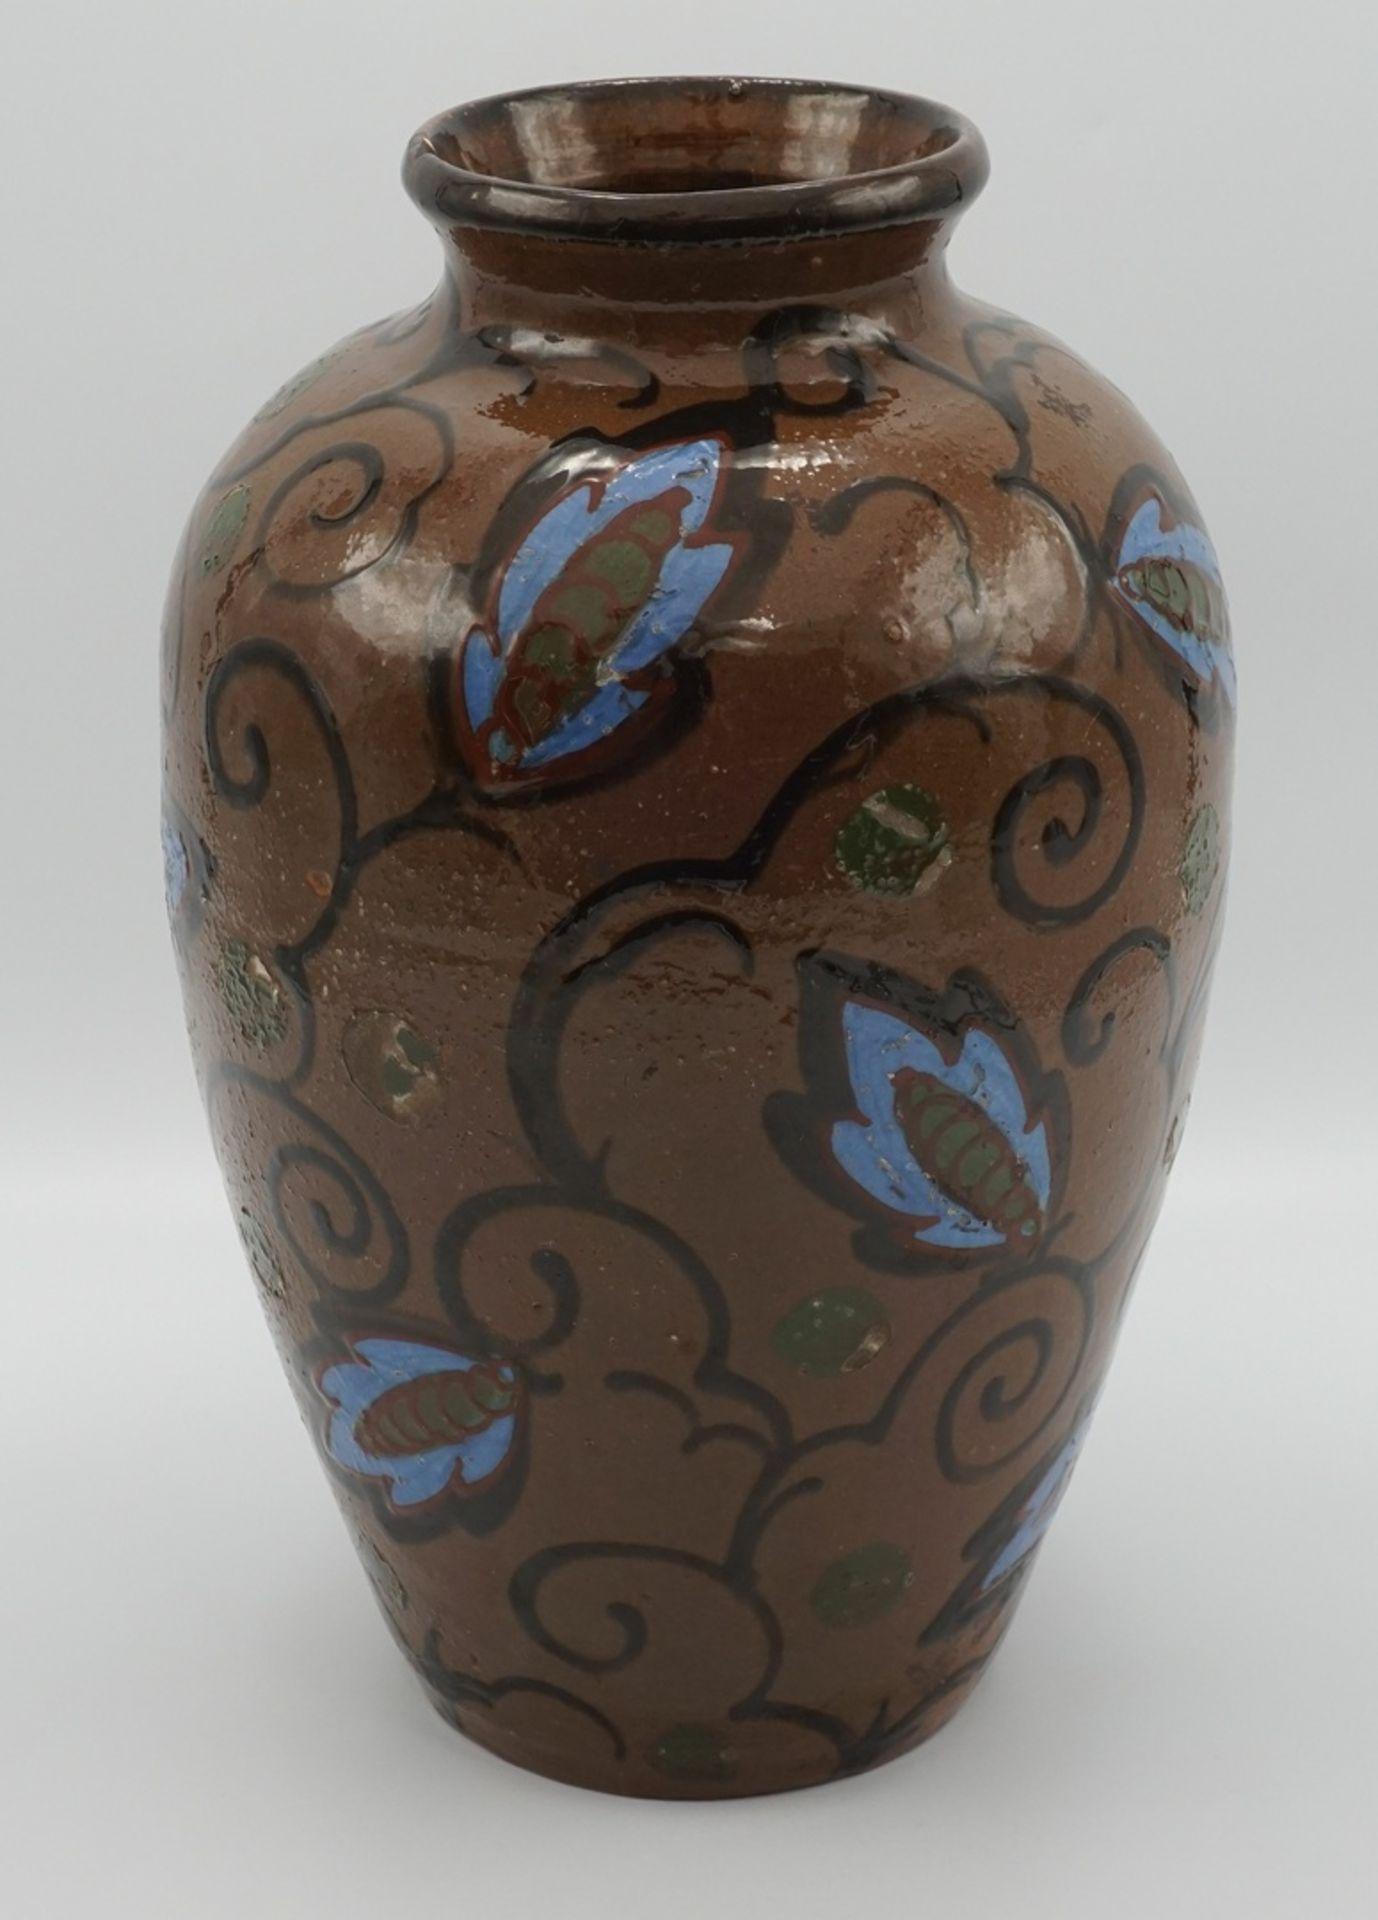 Vase von Ernst Huber-Roethe, um 1920 - Bild 2 aus 3